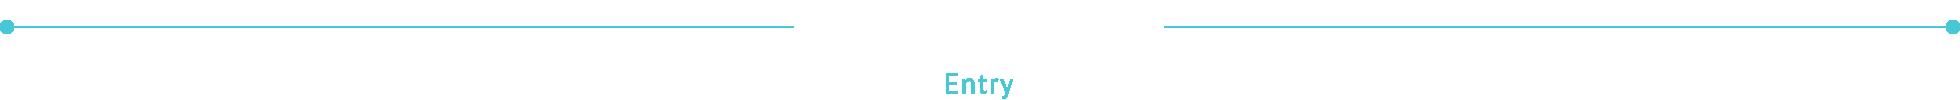 応募フォーム / Entry